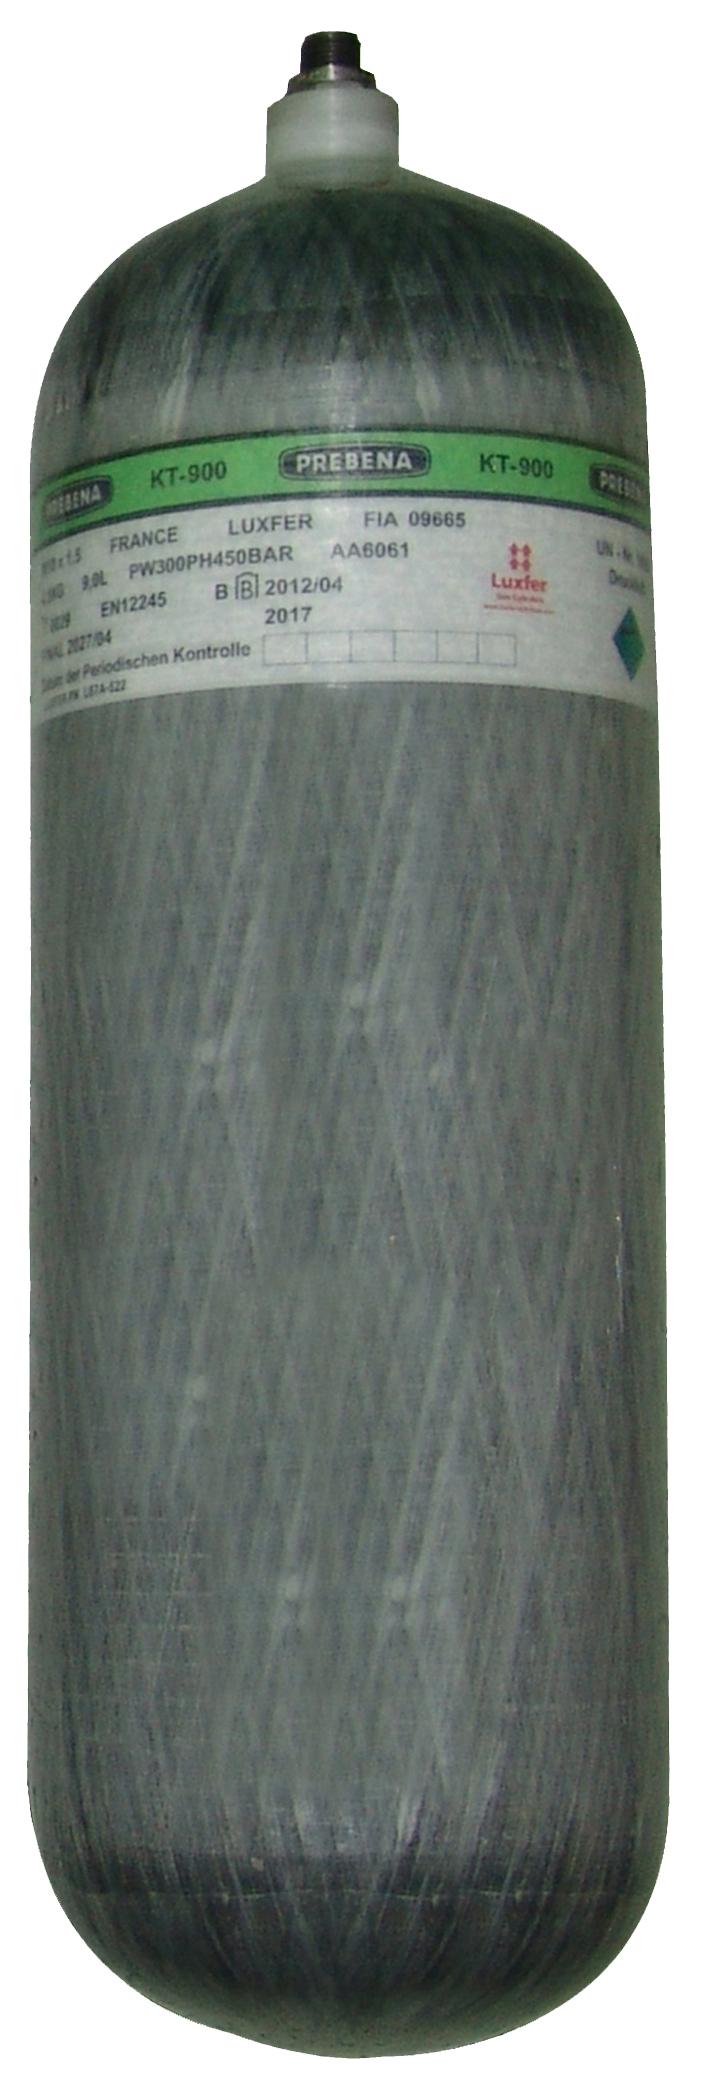 KT-900-S Druckluftkartusche